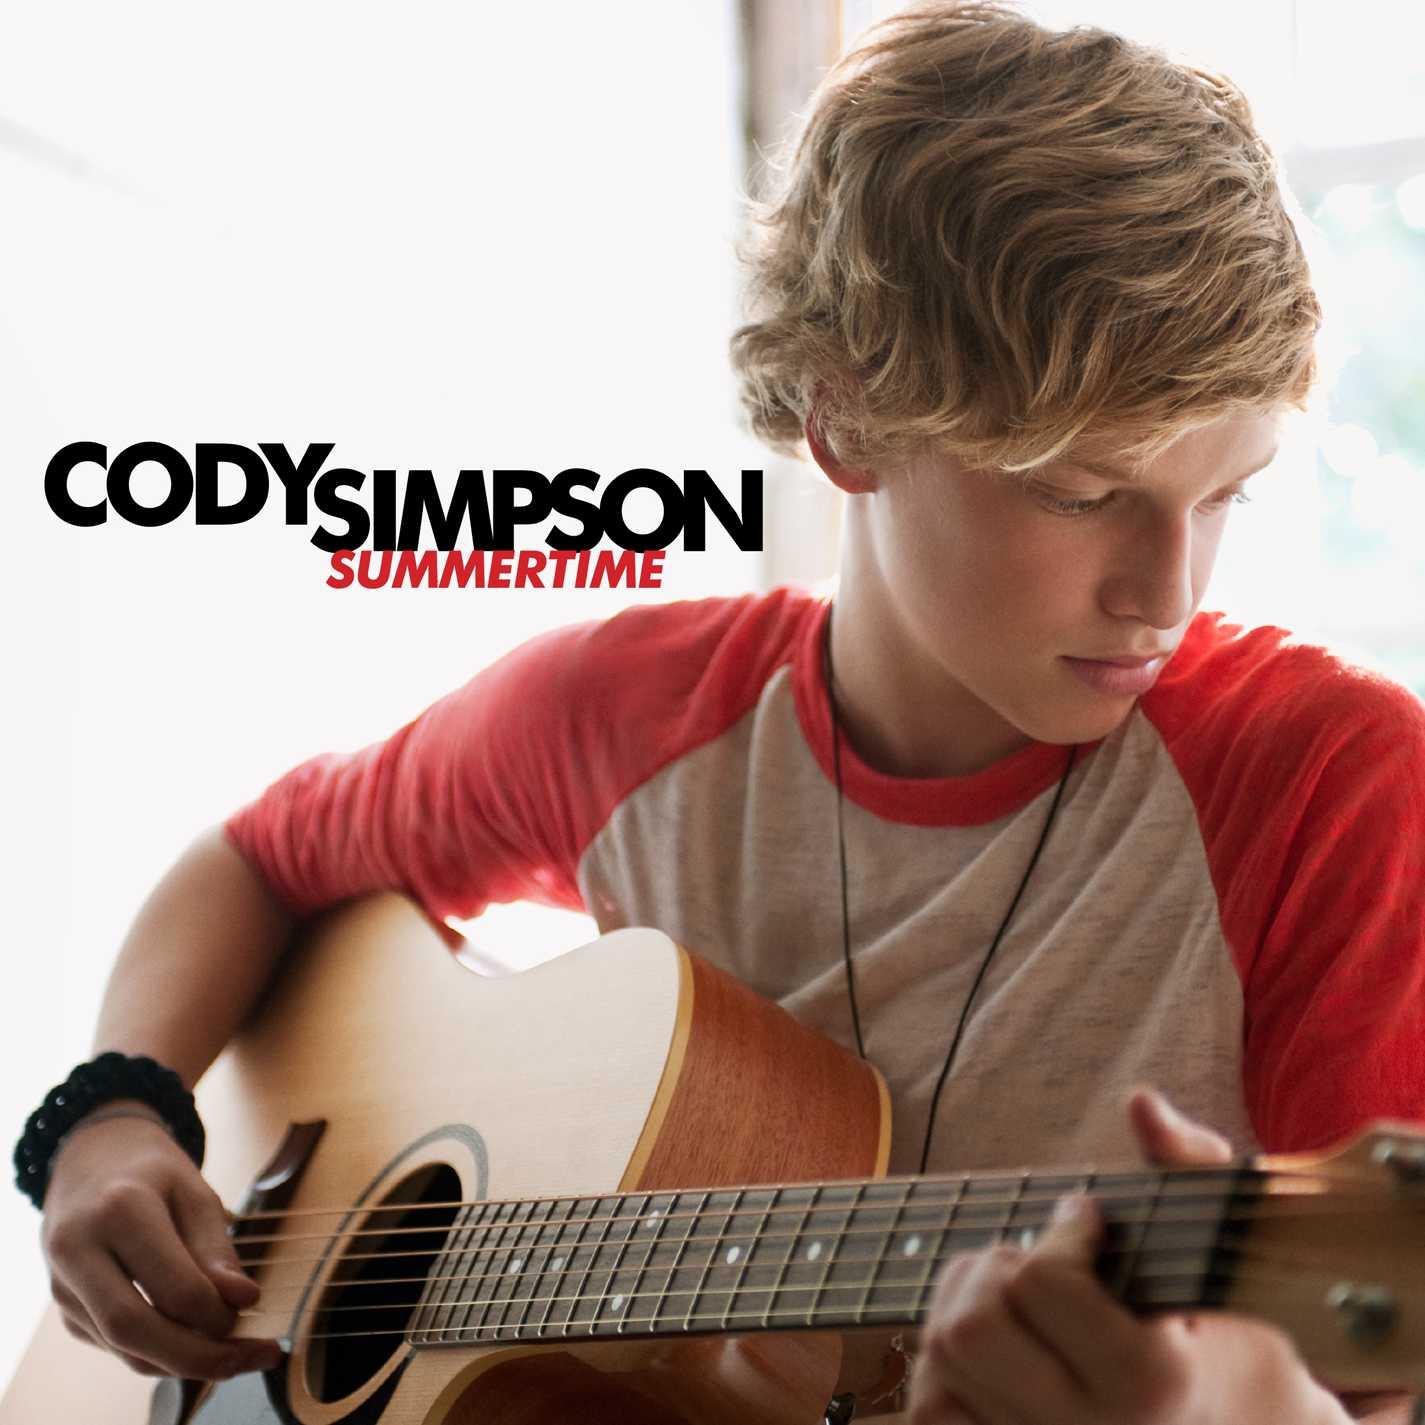 Cody 143 cody simpson 27901795 1425 1425 - Cody Simpson